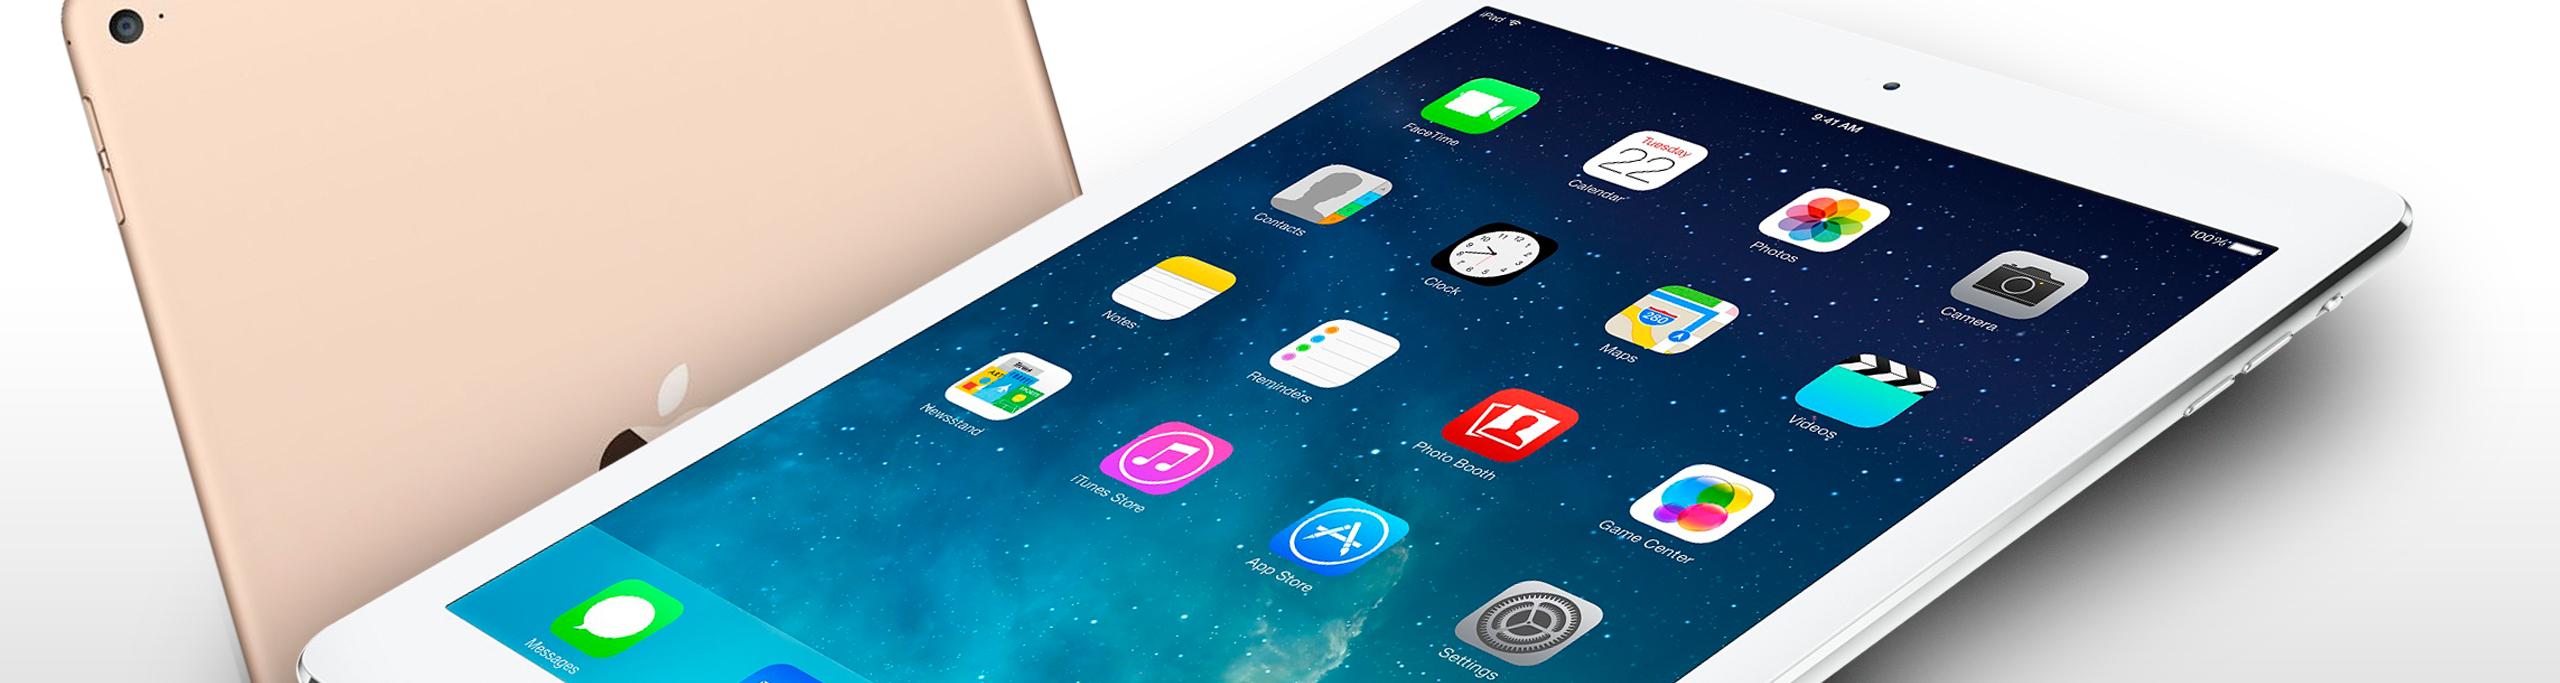 iPad Air (A1474 / A1475)